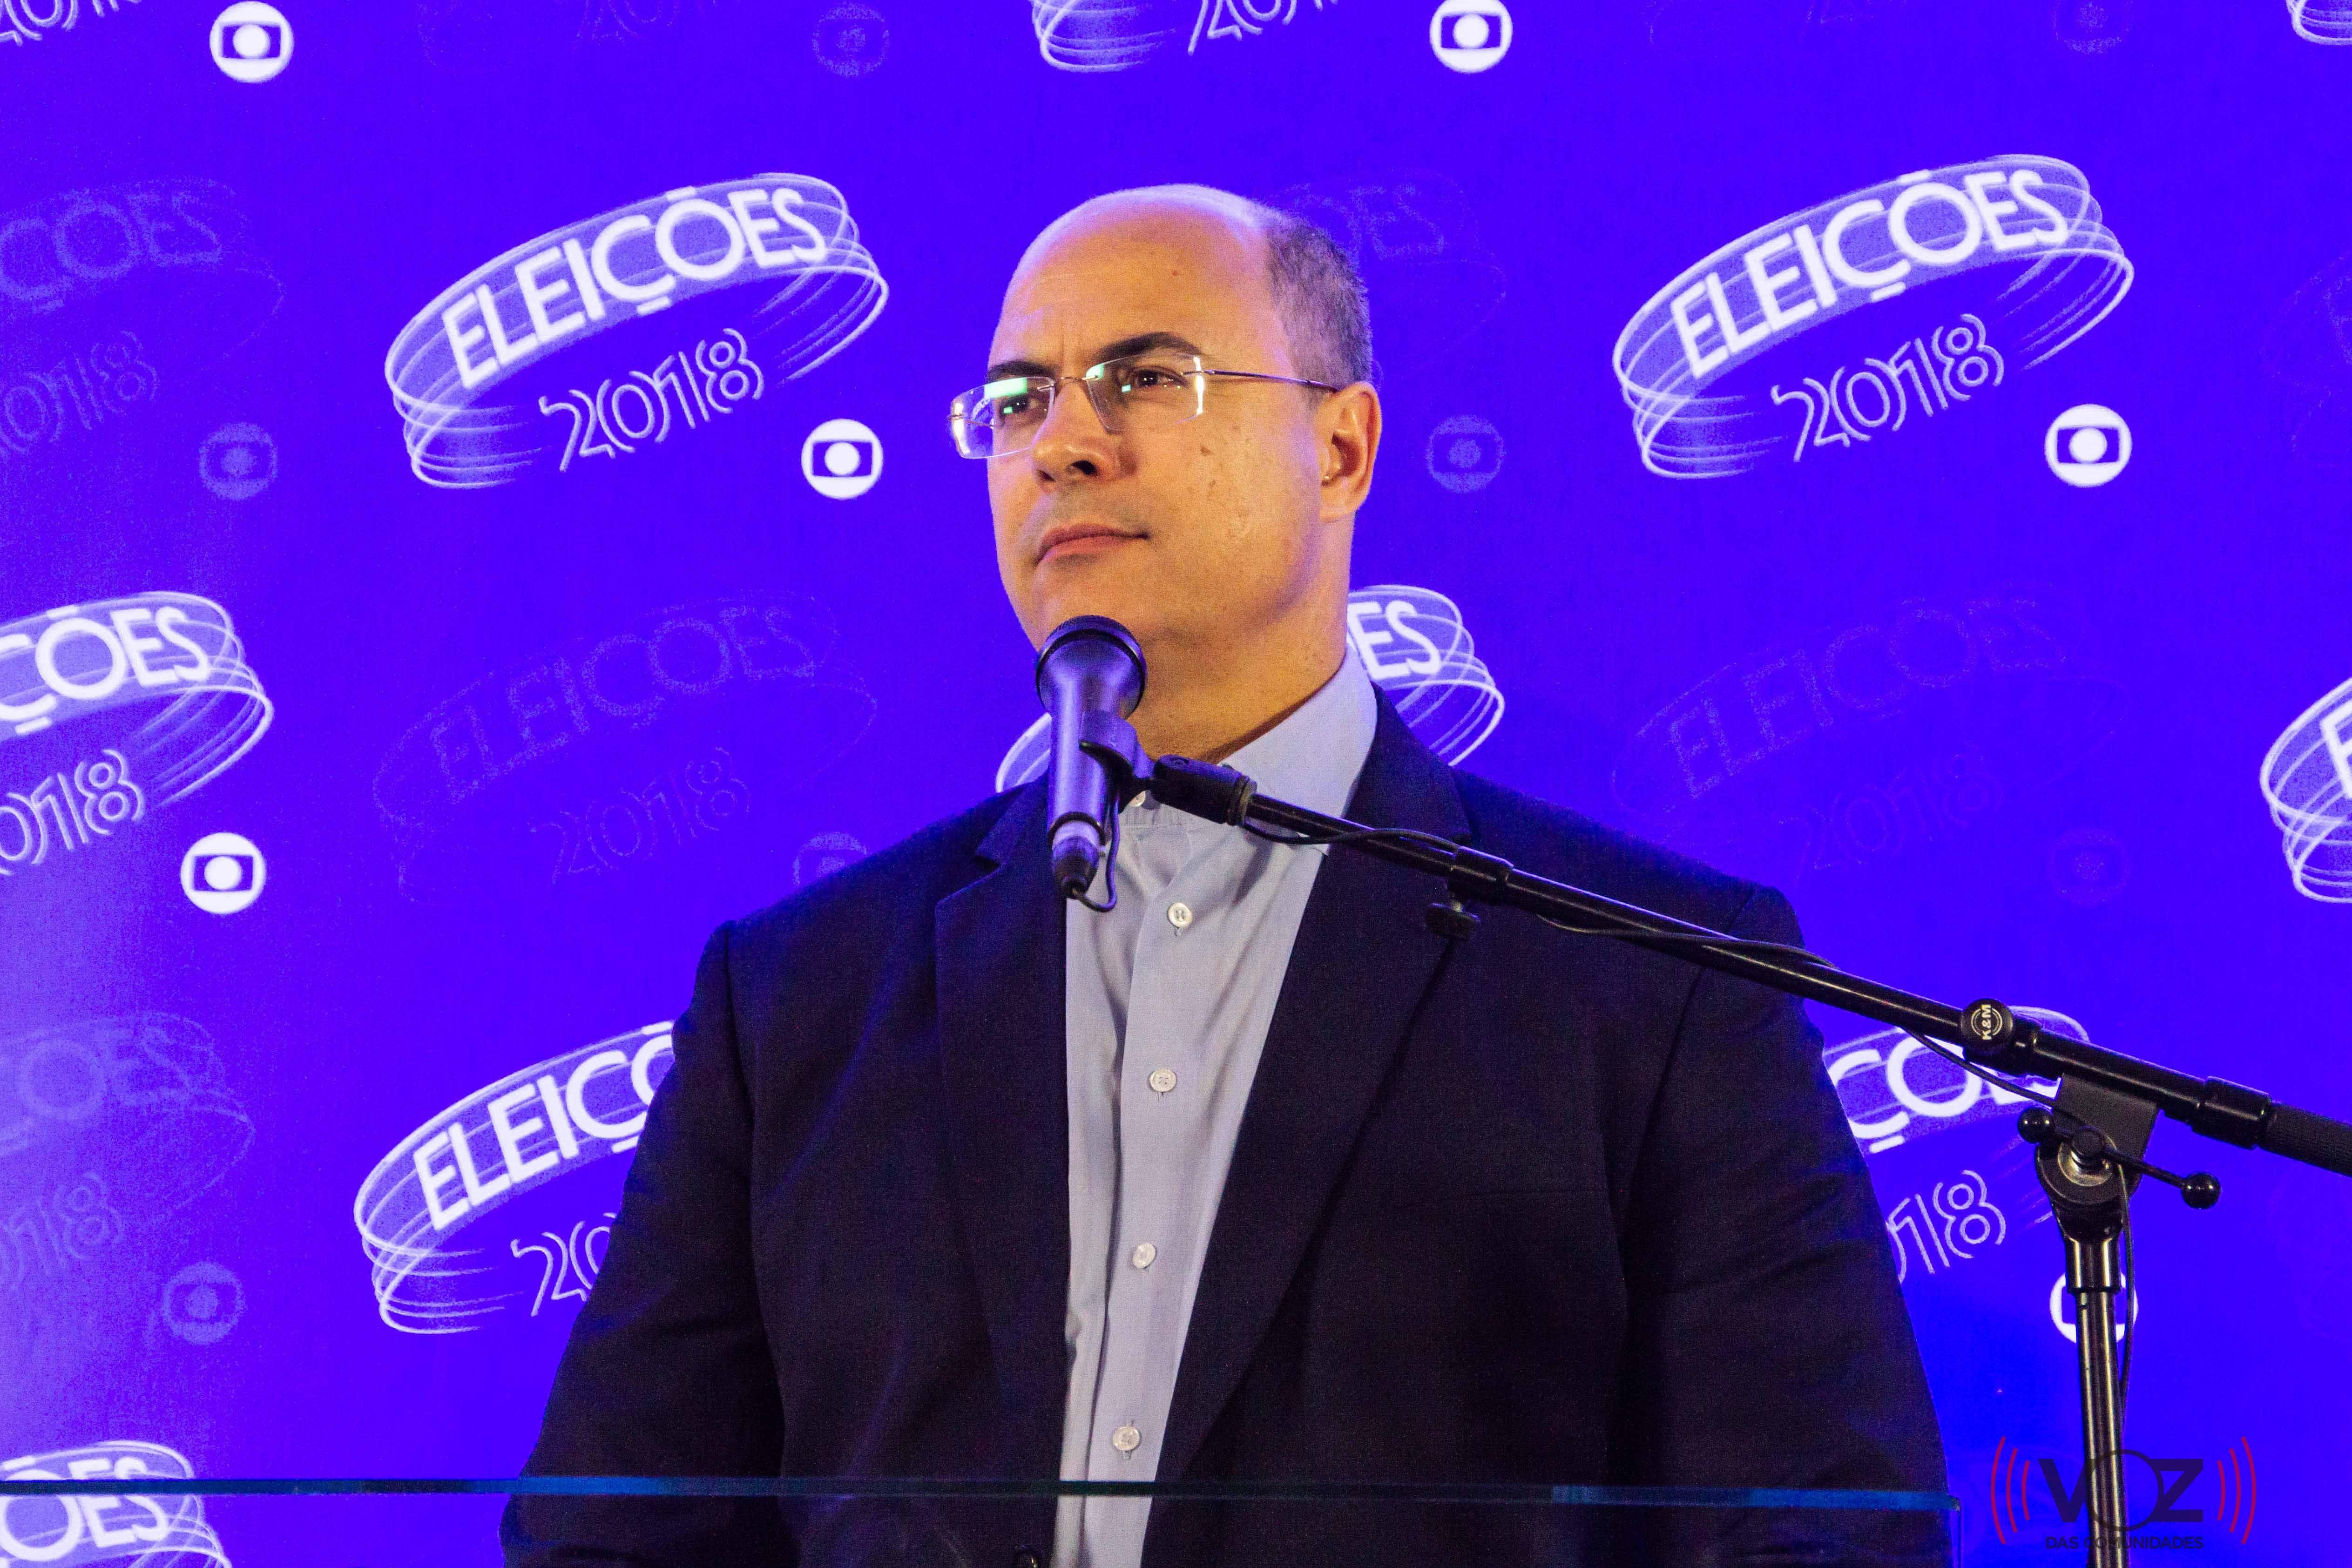 URGENTE: Wilson Witzel é o novo governador do Rio de Janeiro